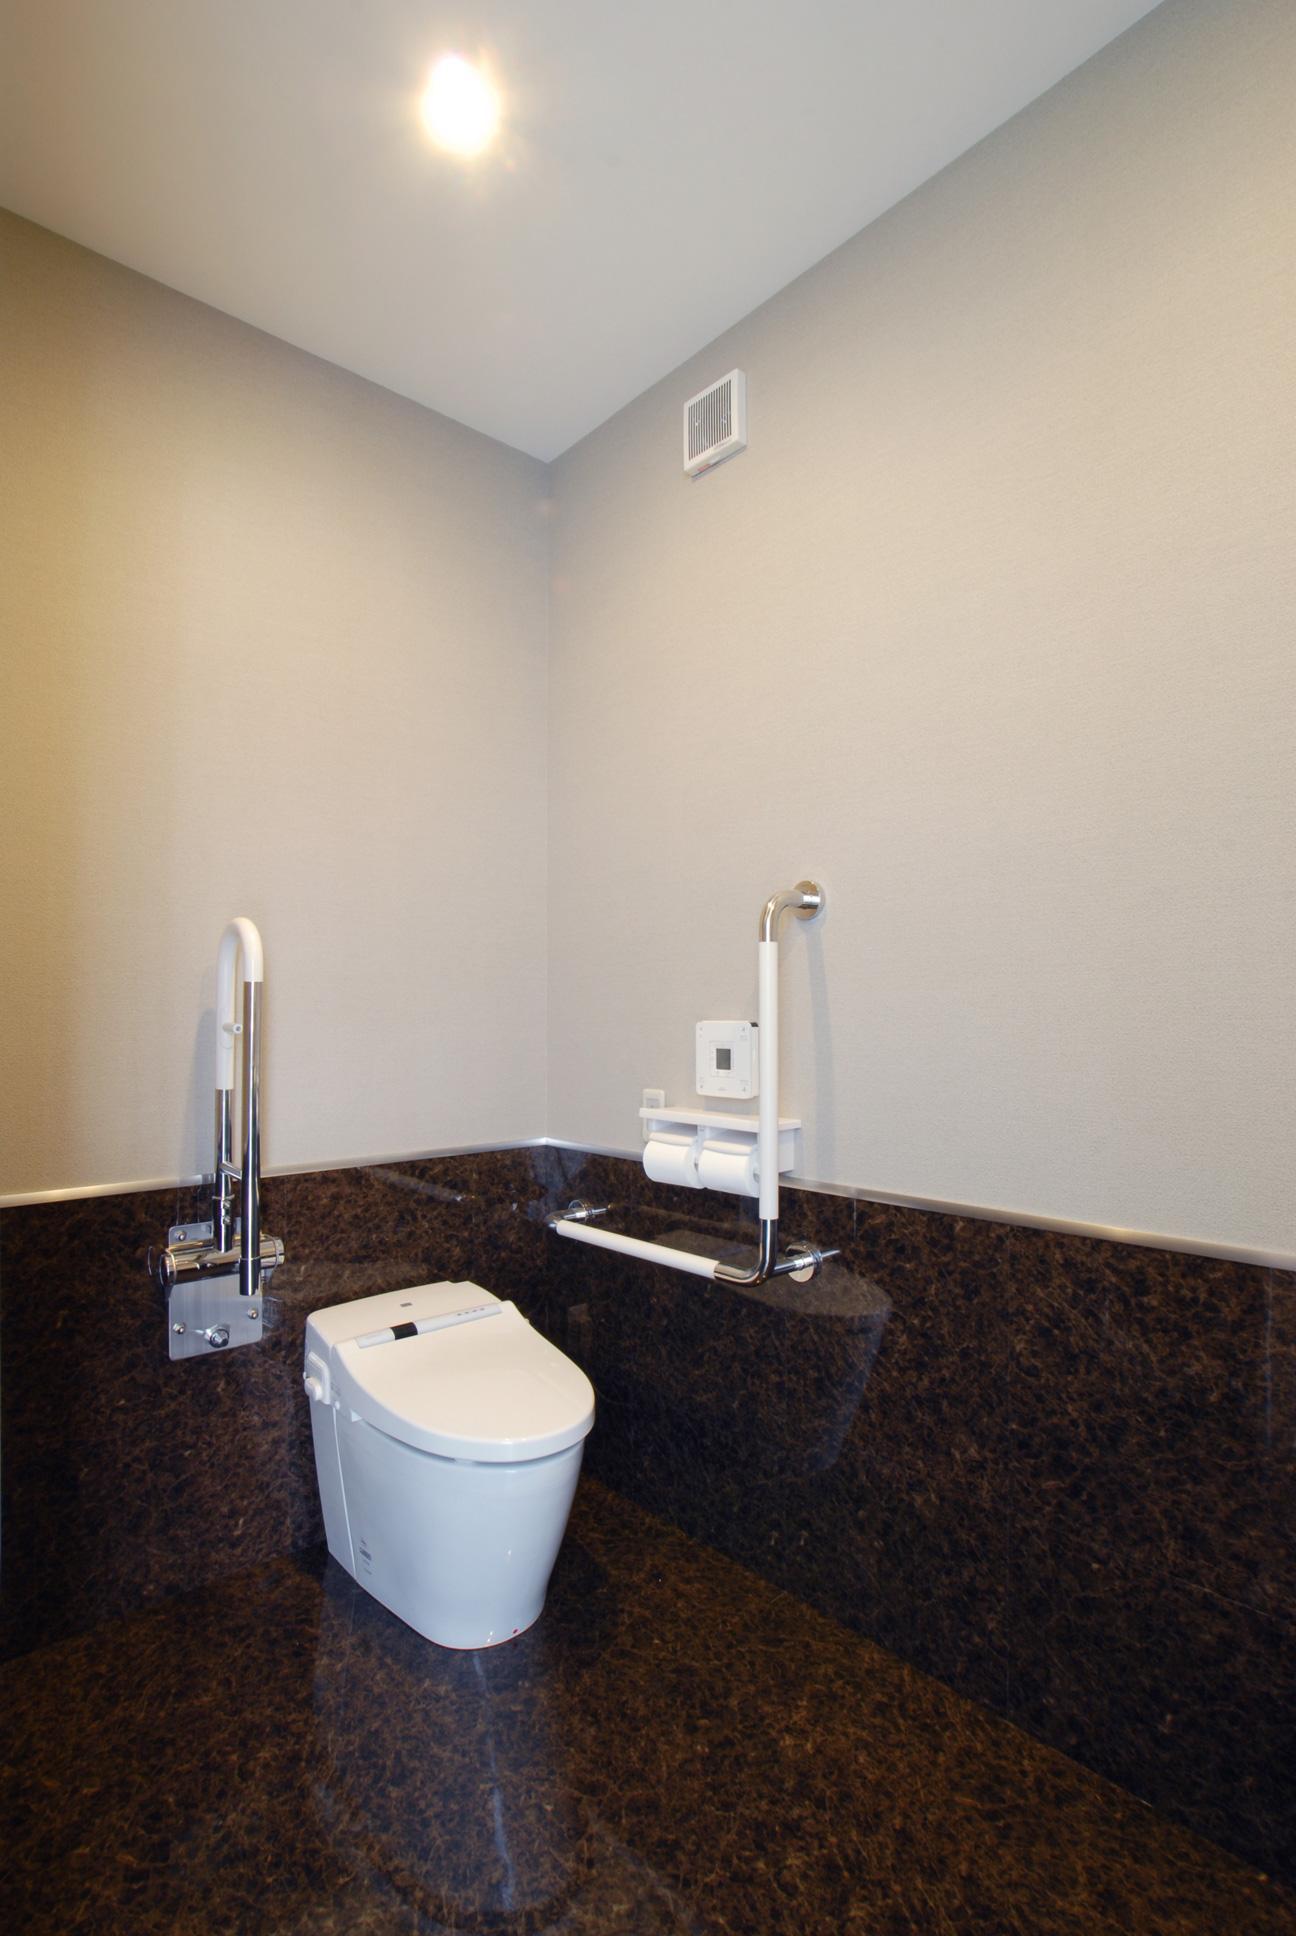 県立大学前クリニック~低く構えた シンプルなクリニック~の写真 トイレ2